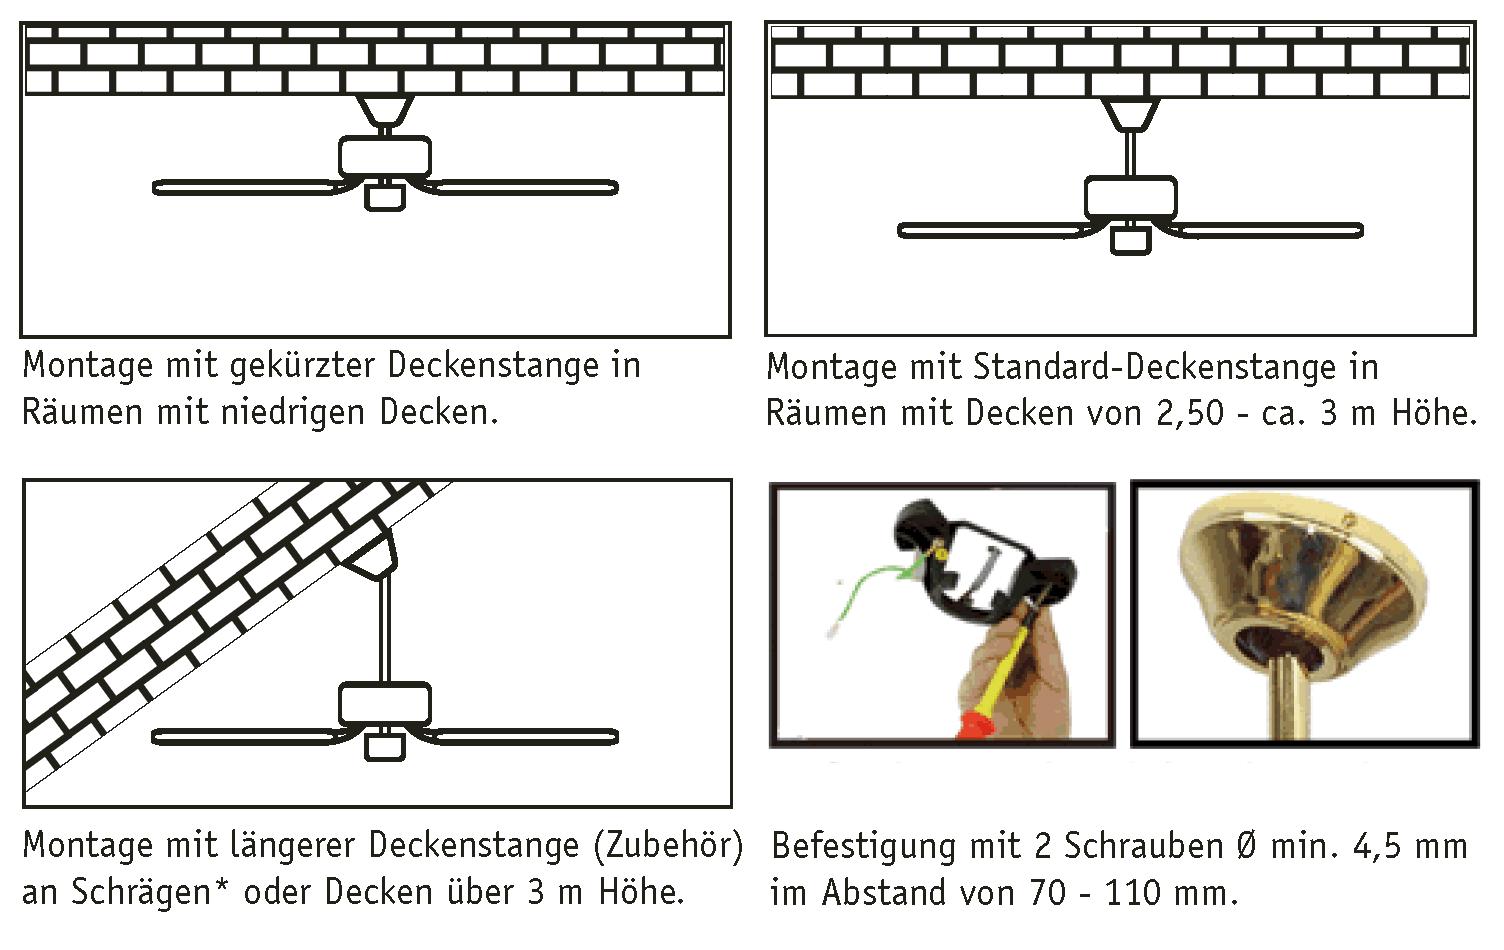 montagemoeglichkeiten-mit-gekuerzter-stange